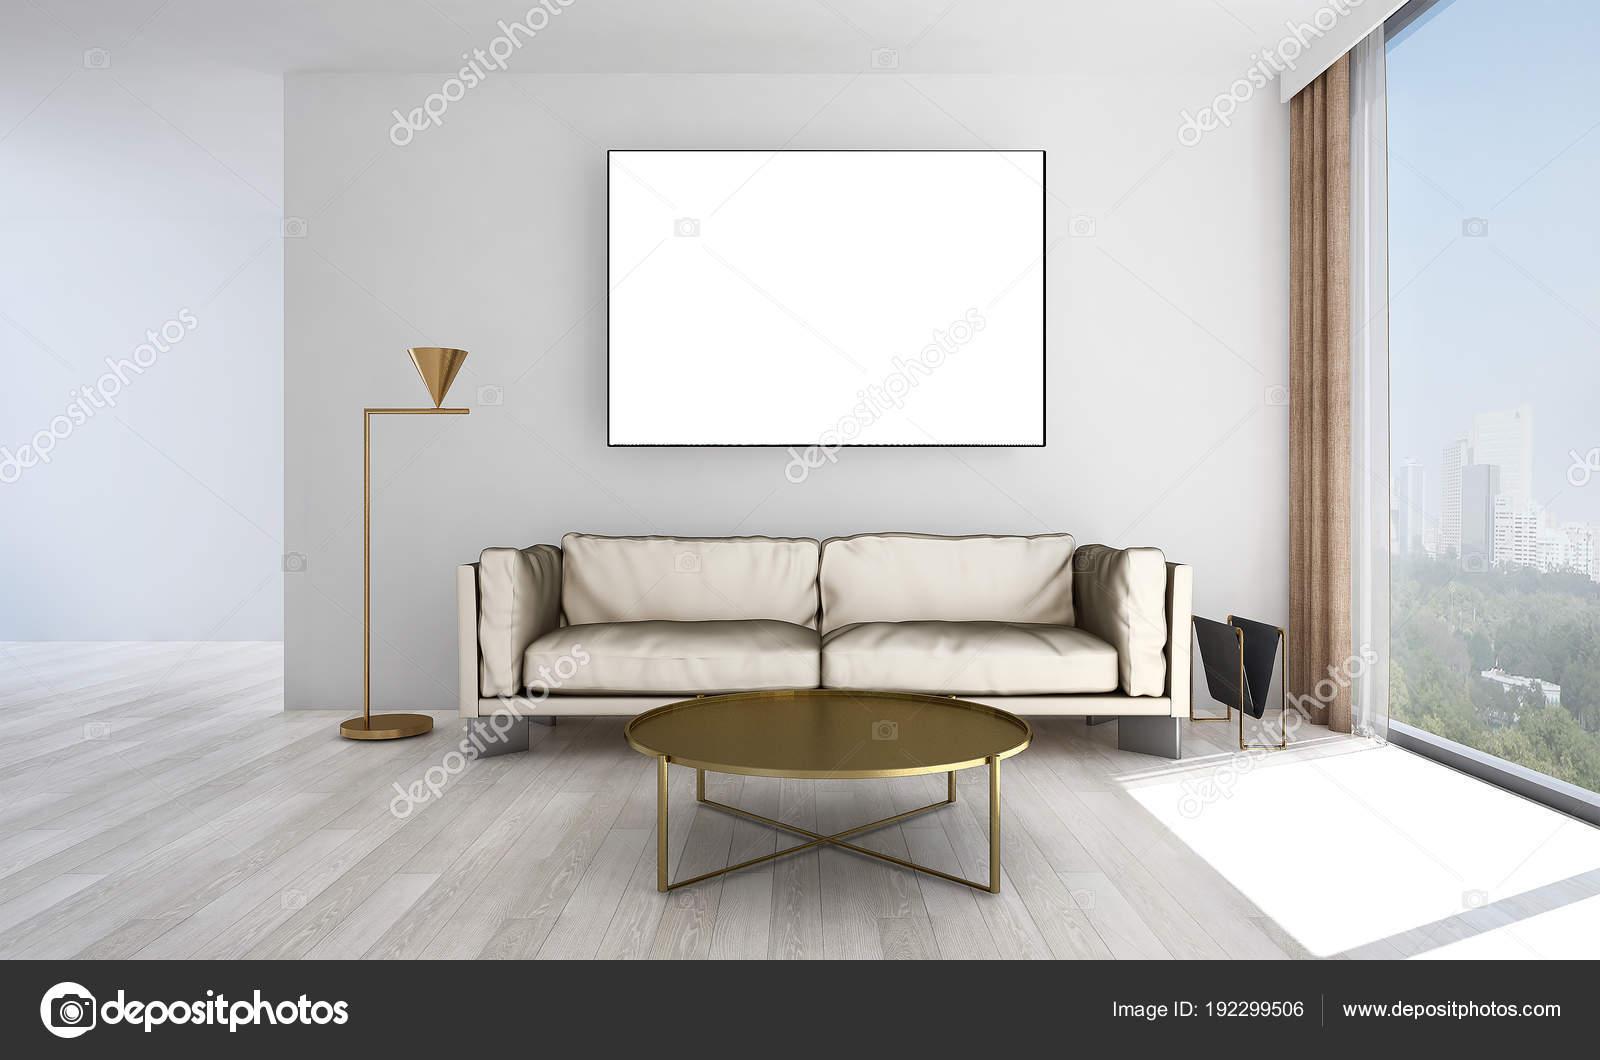 Wohnzimmer Interior Design Und Weiße Textur Hintergrund Und Bild ...